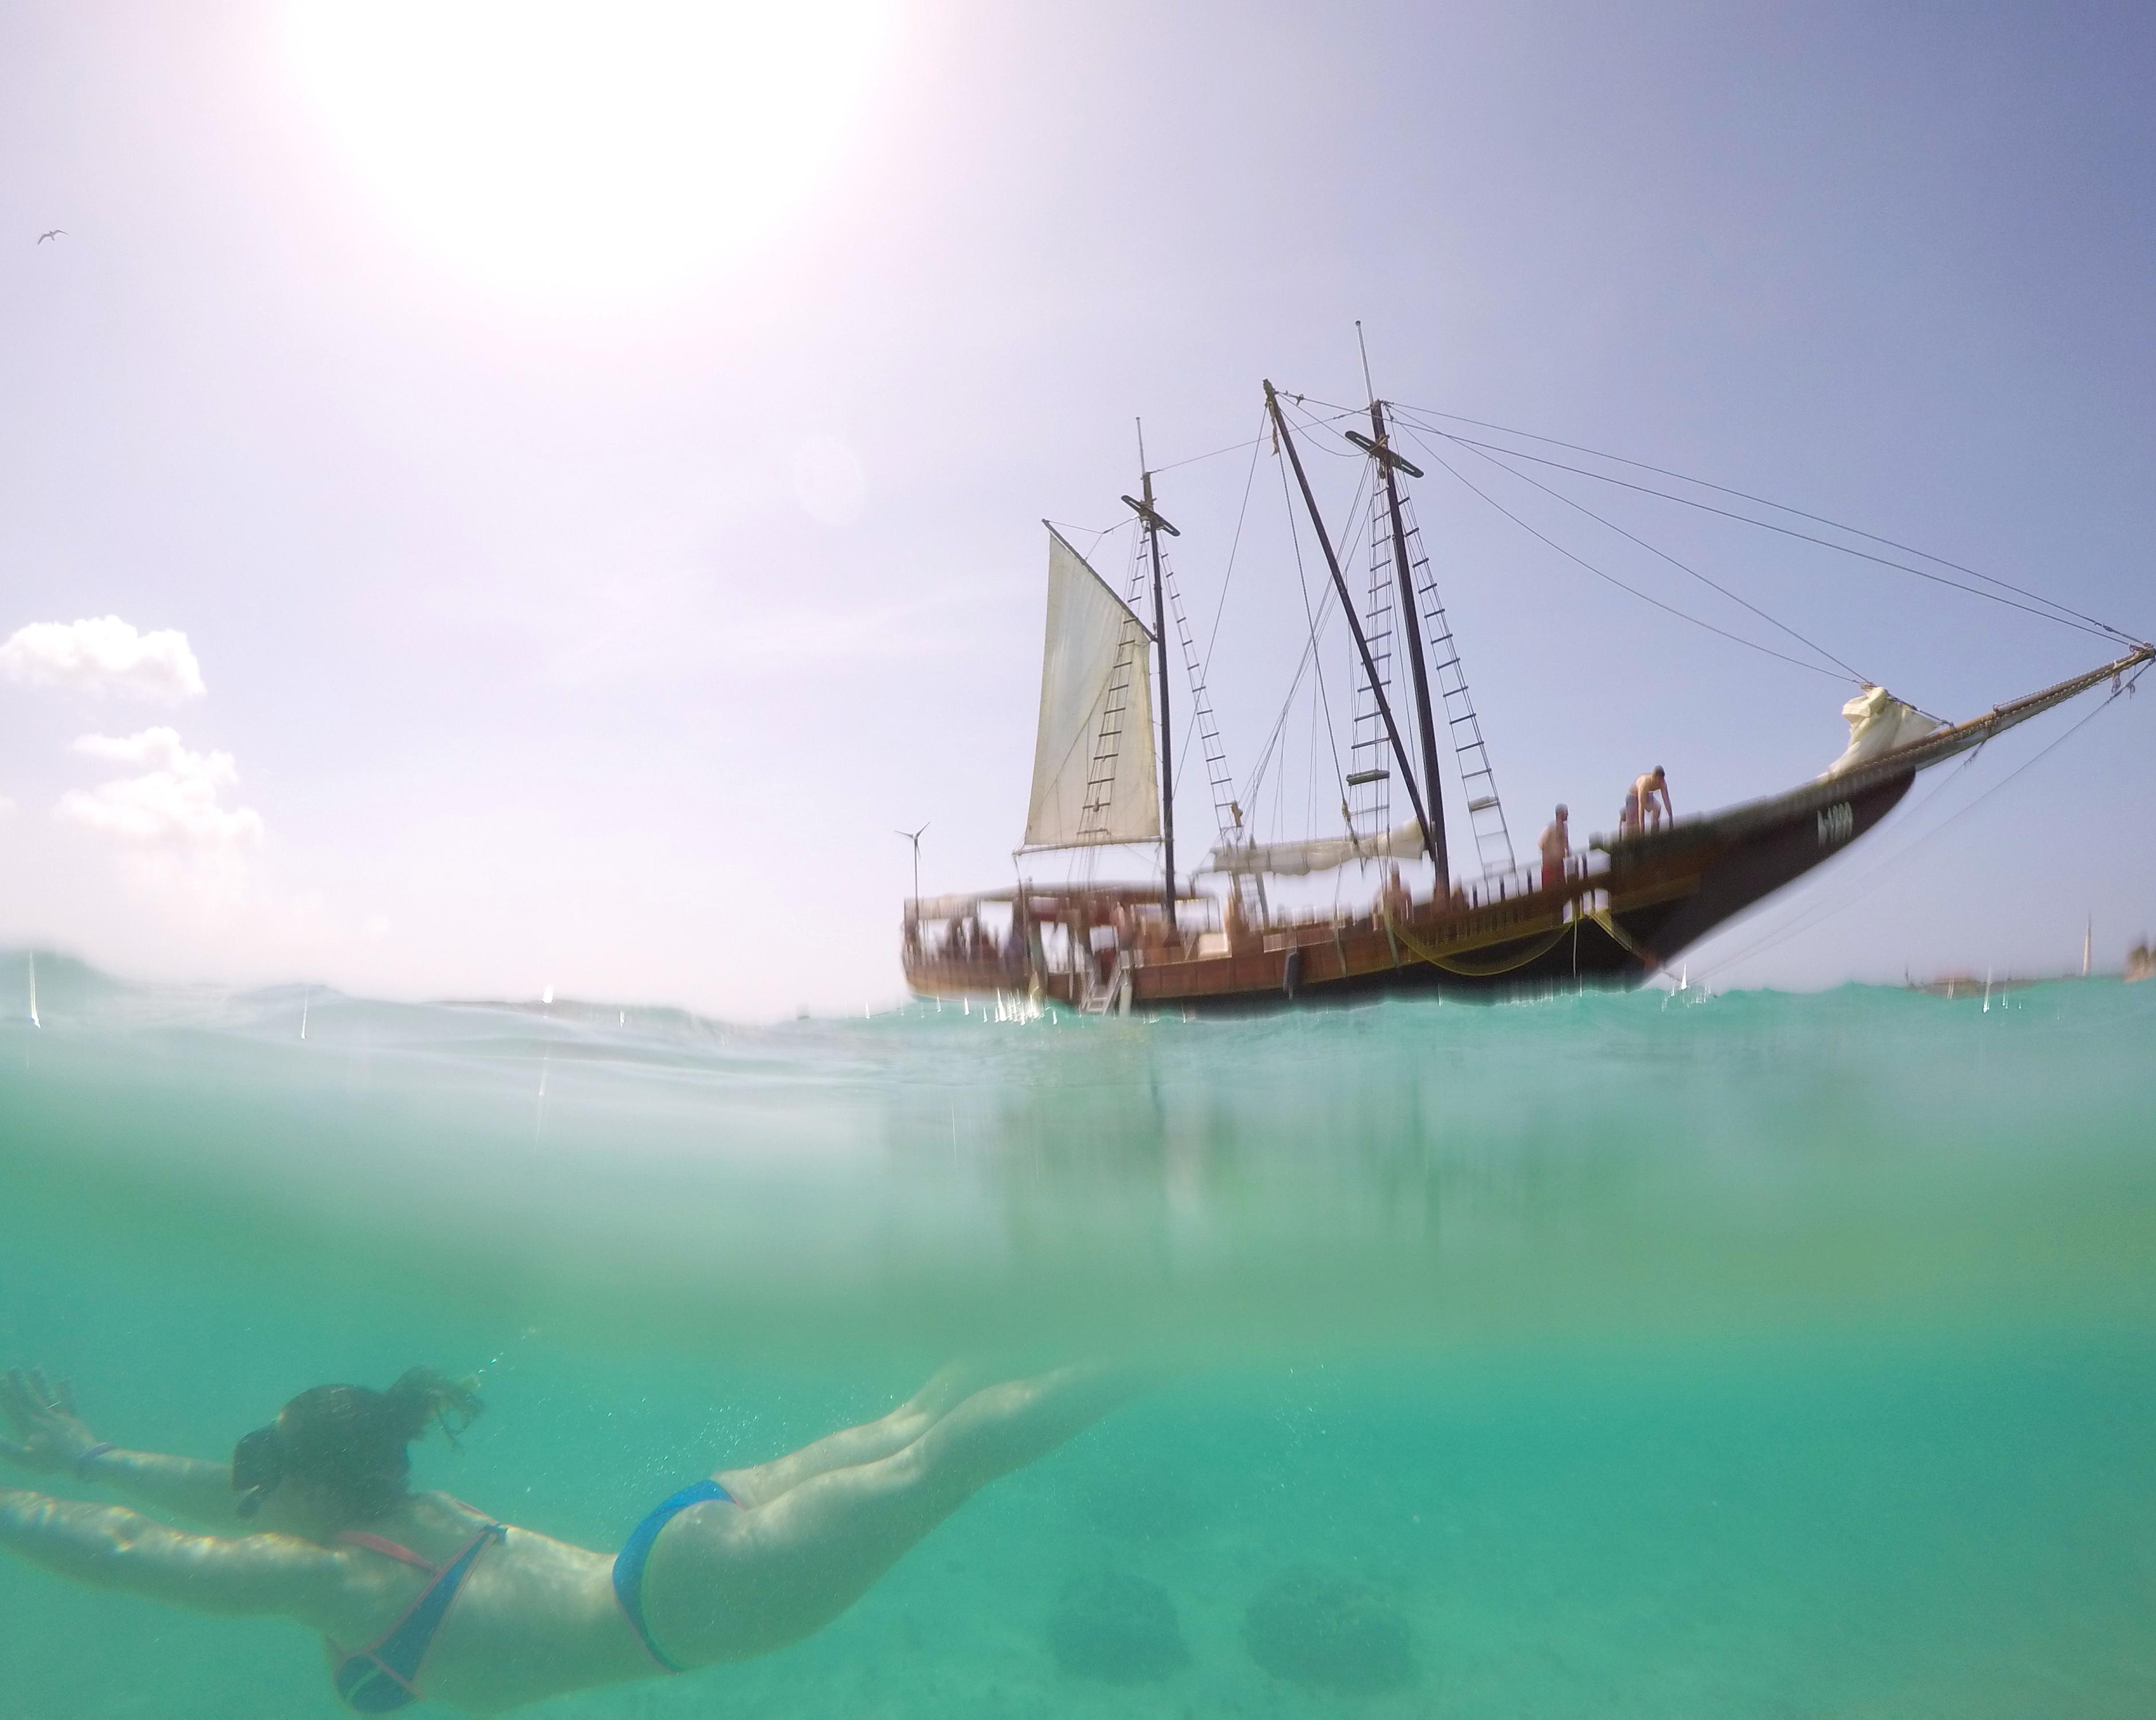 5 Reasons Aruba Should Be On Your Bucketlist